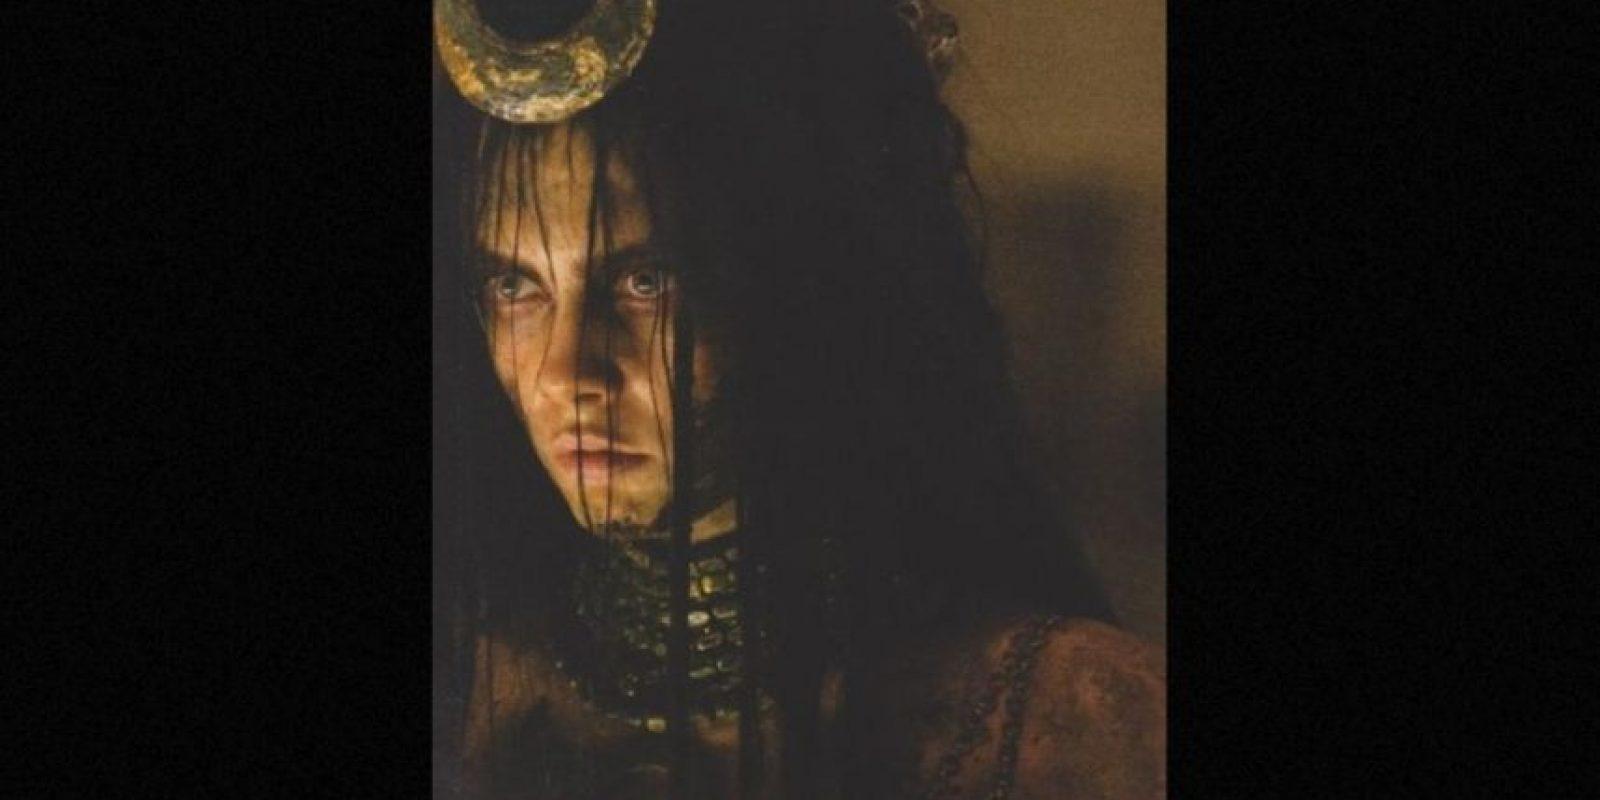 """""""June descubre a Enchantress, una feroz hechicera que ha estado atrapada durante mucho tiempo y que ahora está libre"""", reveló la actriz a """"Empire Magazine"""" Foto:""""Empire Magazine"""""""